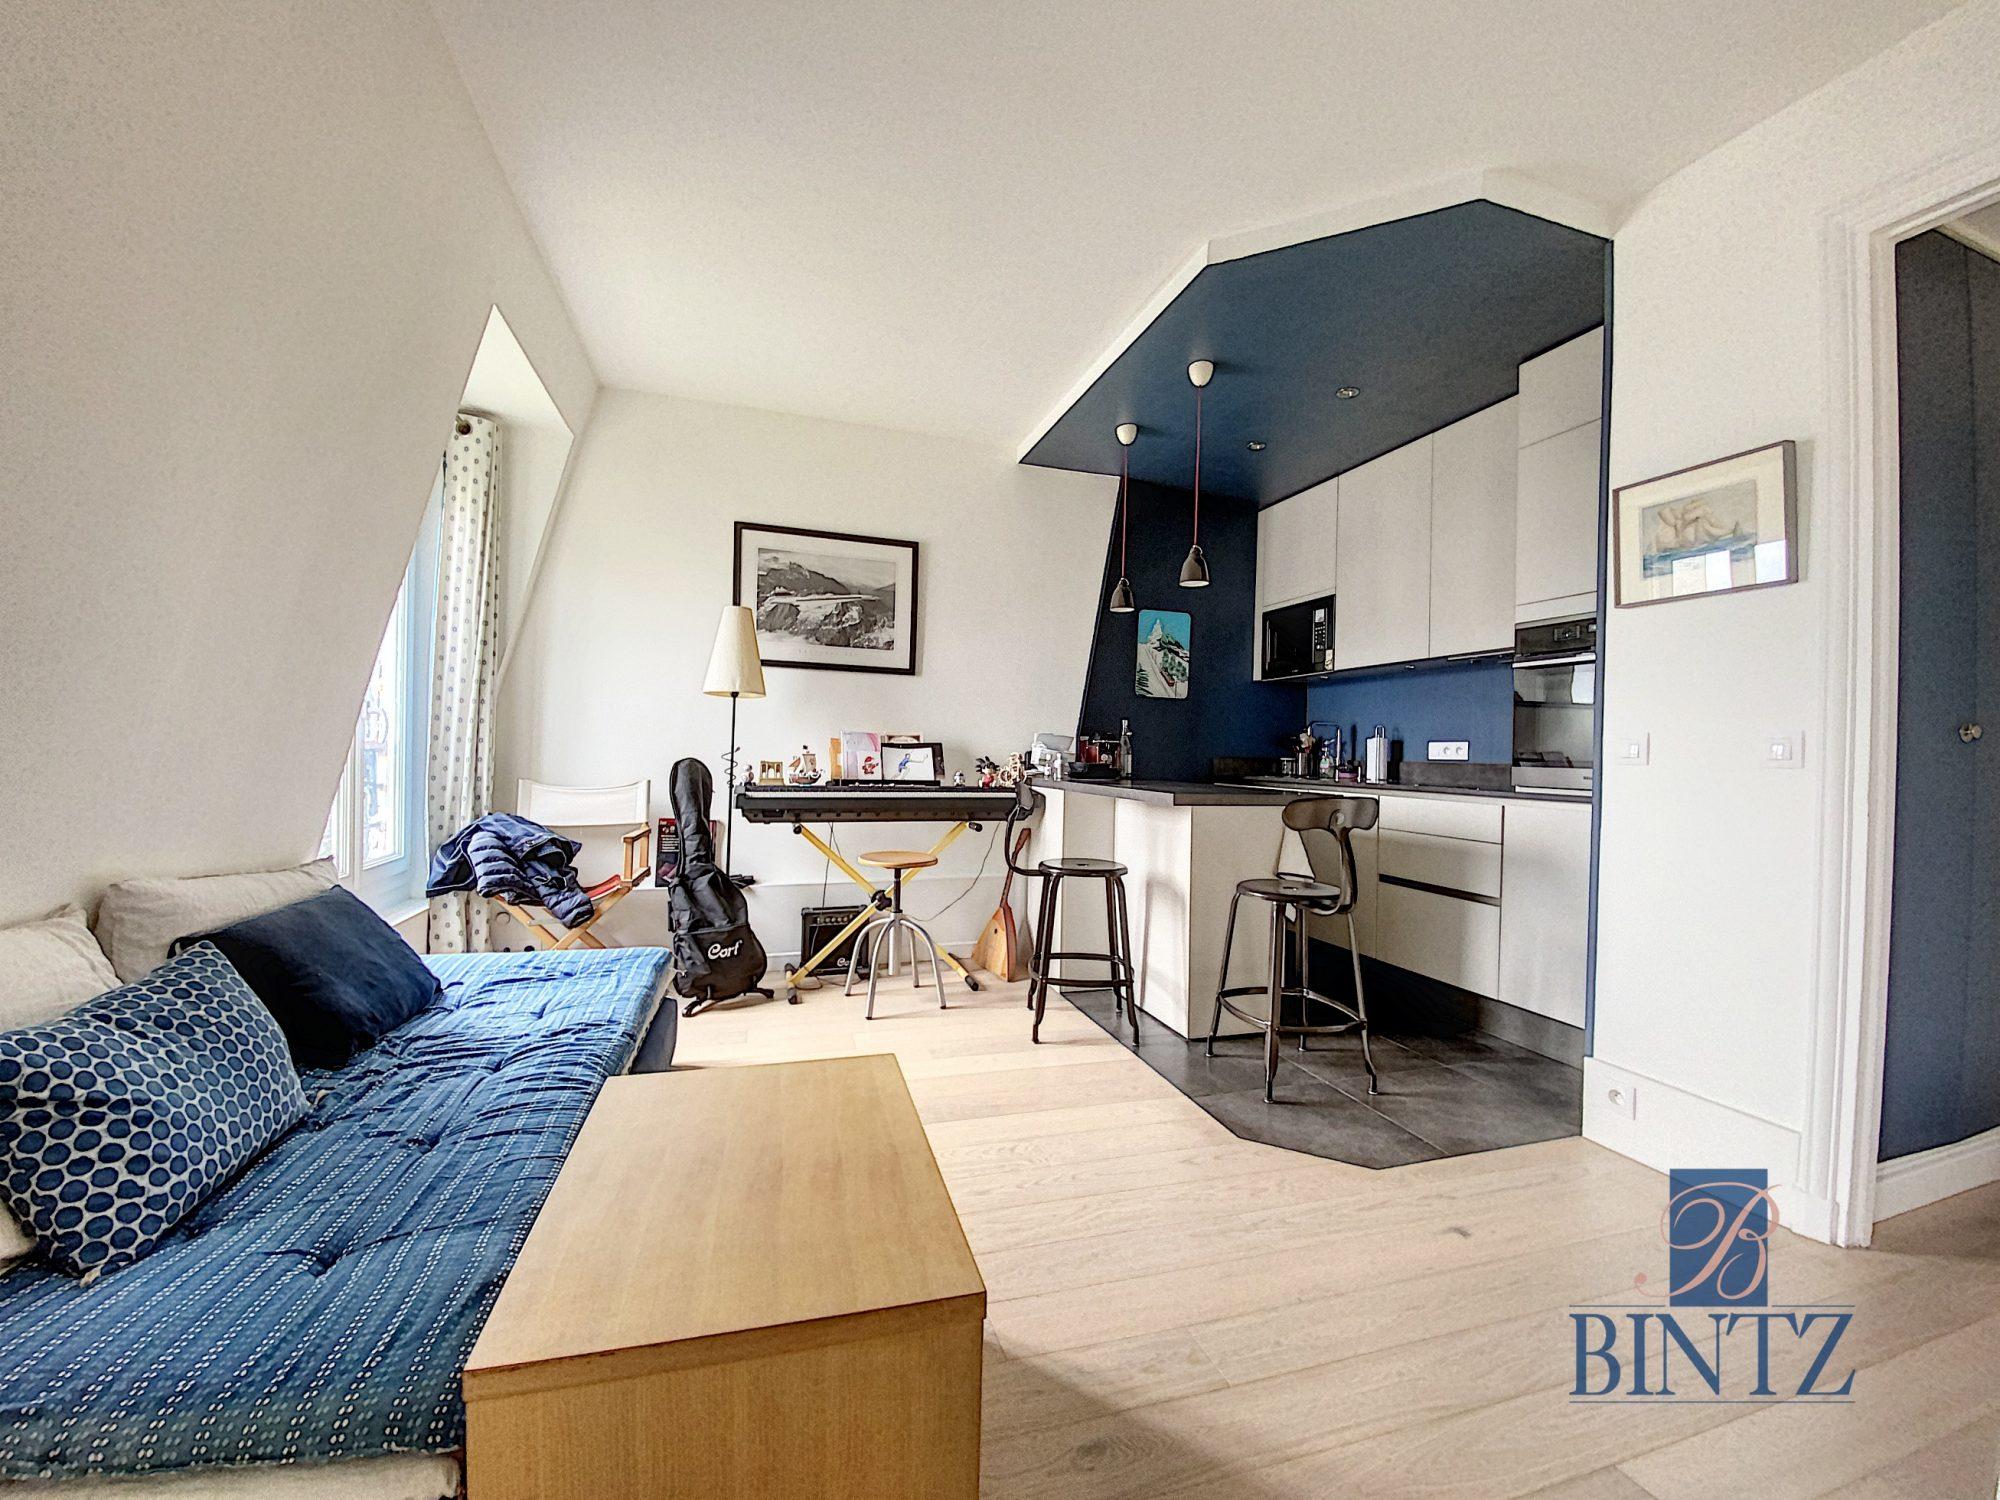 PARIS 17eme – 2 pièces rénové Boulevard Pereire - Devenez propriétaire en toute confiance - Bintz Immobilier - 2